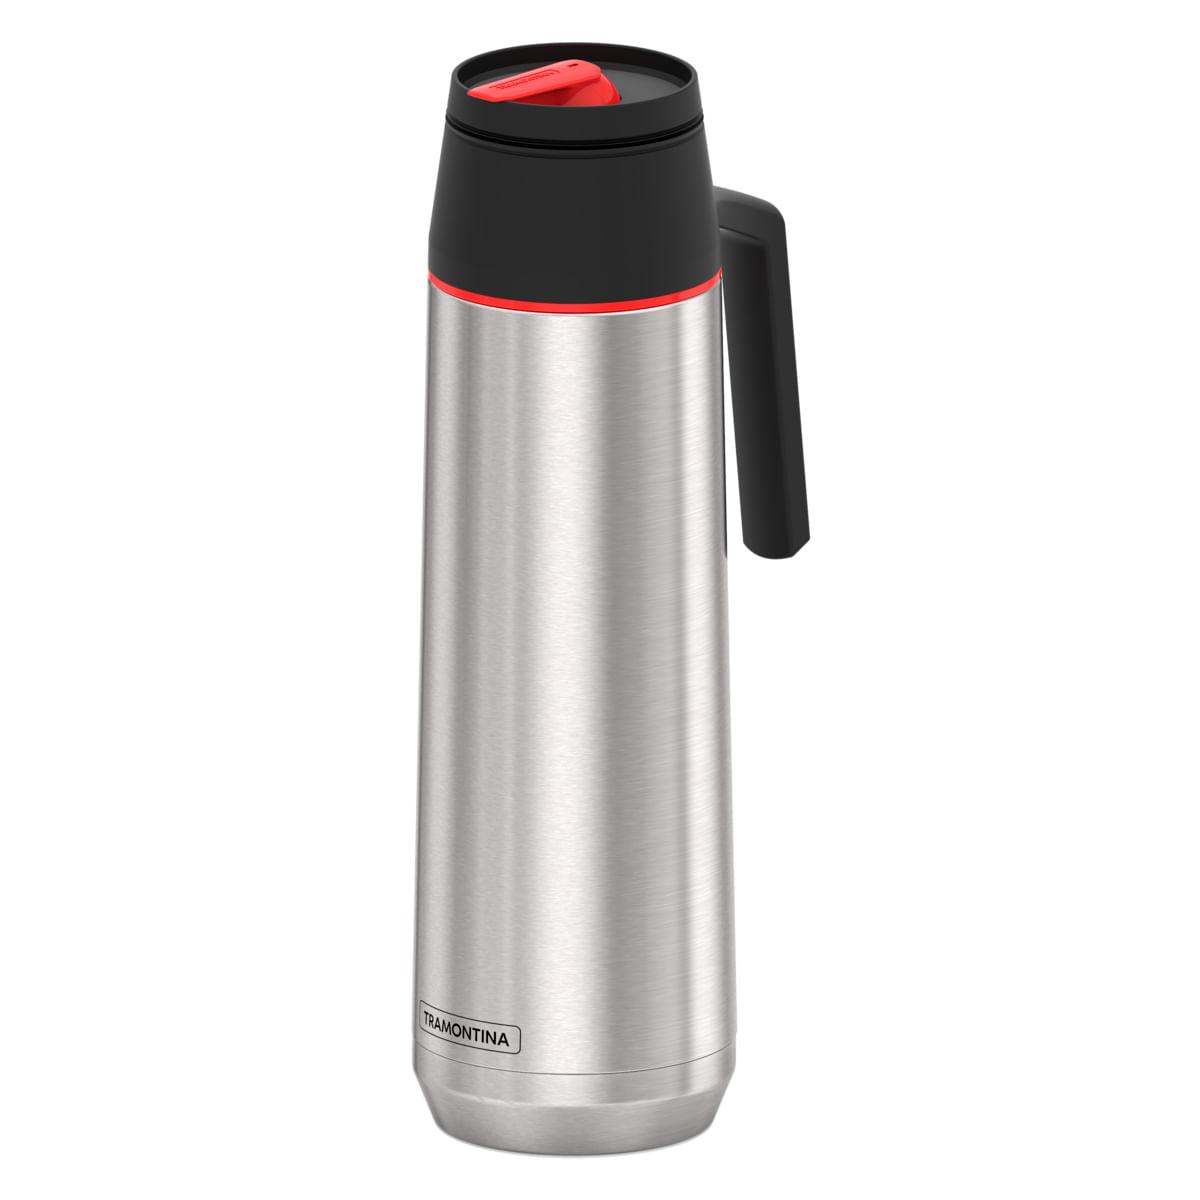 Garrafa Térmica Tramontina  1 Litro em Aço Inox com Ampola de Aço